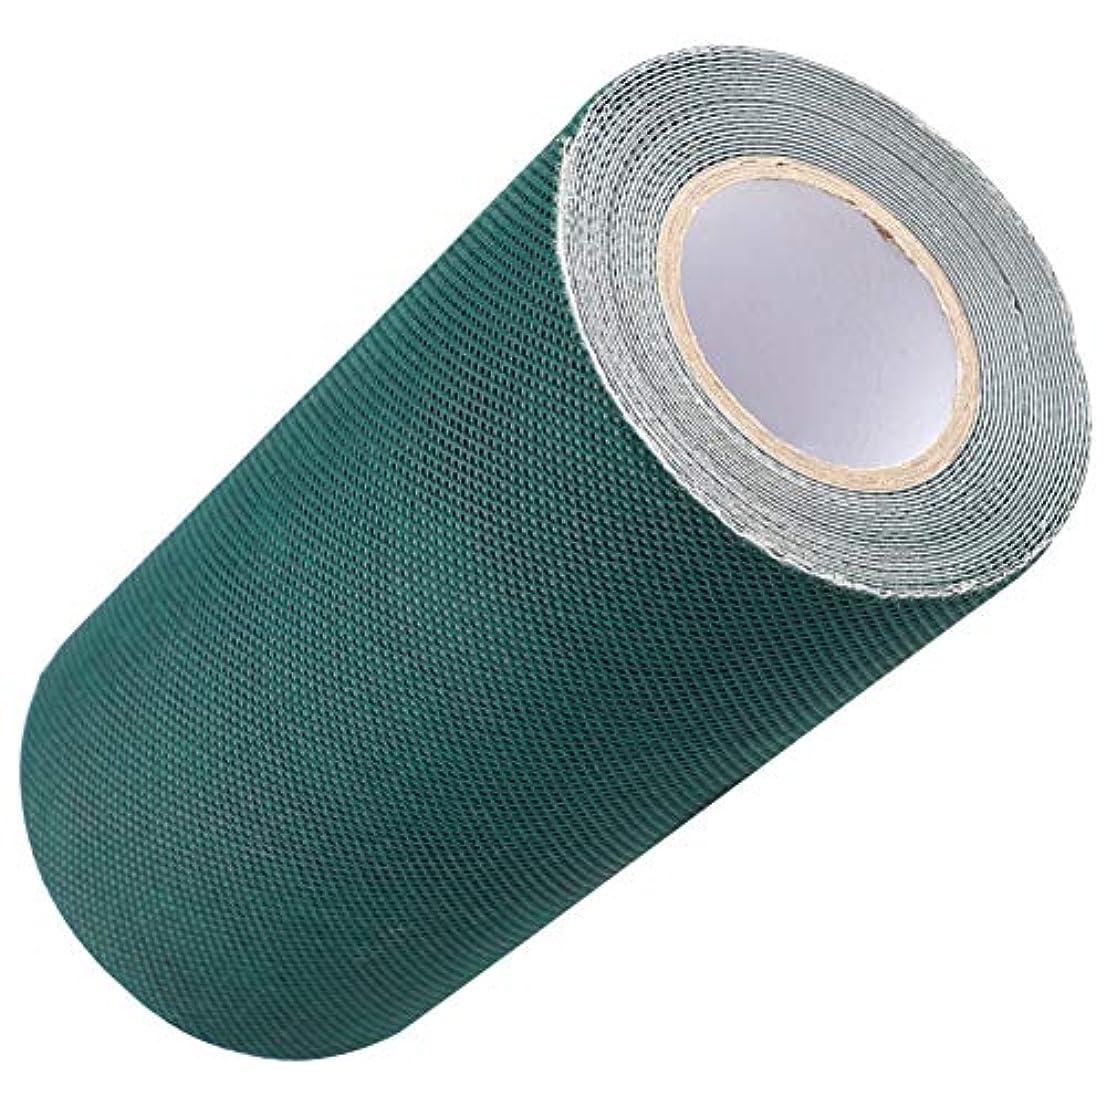 識字クマノミスパイDOMO 人工芝接着布 人工芝粘着テープ 芝スプライスベルト 15cm*5M グリーン